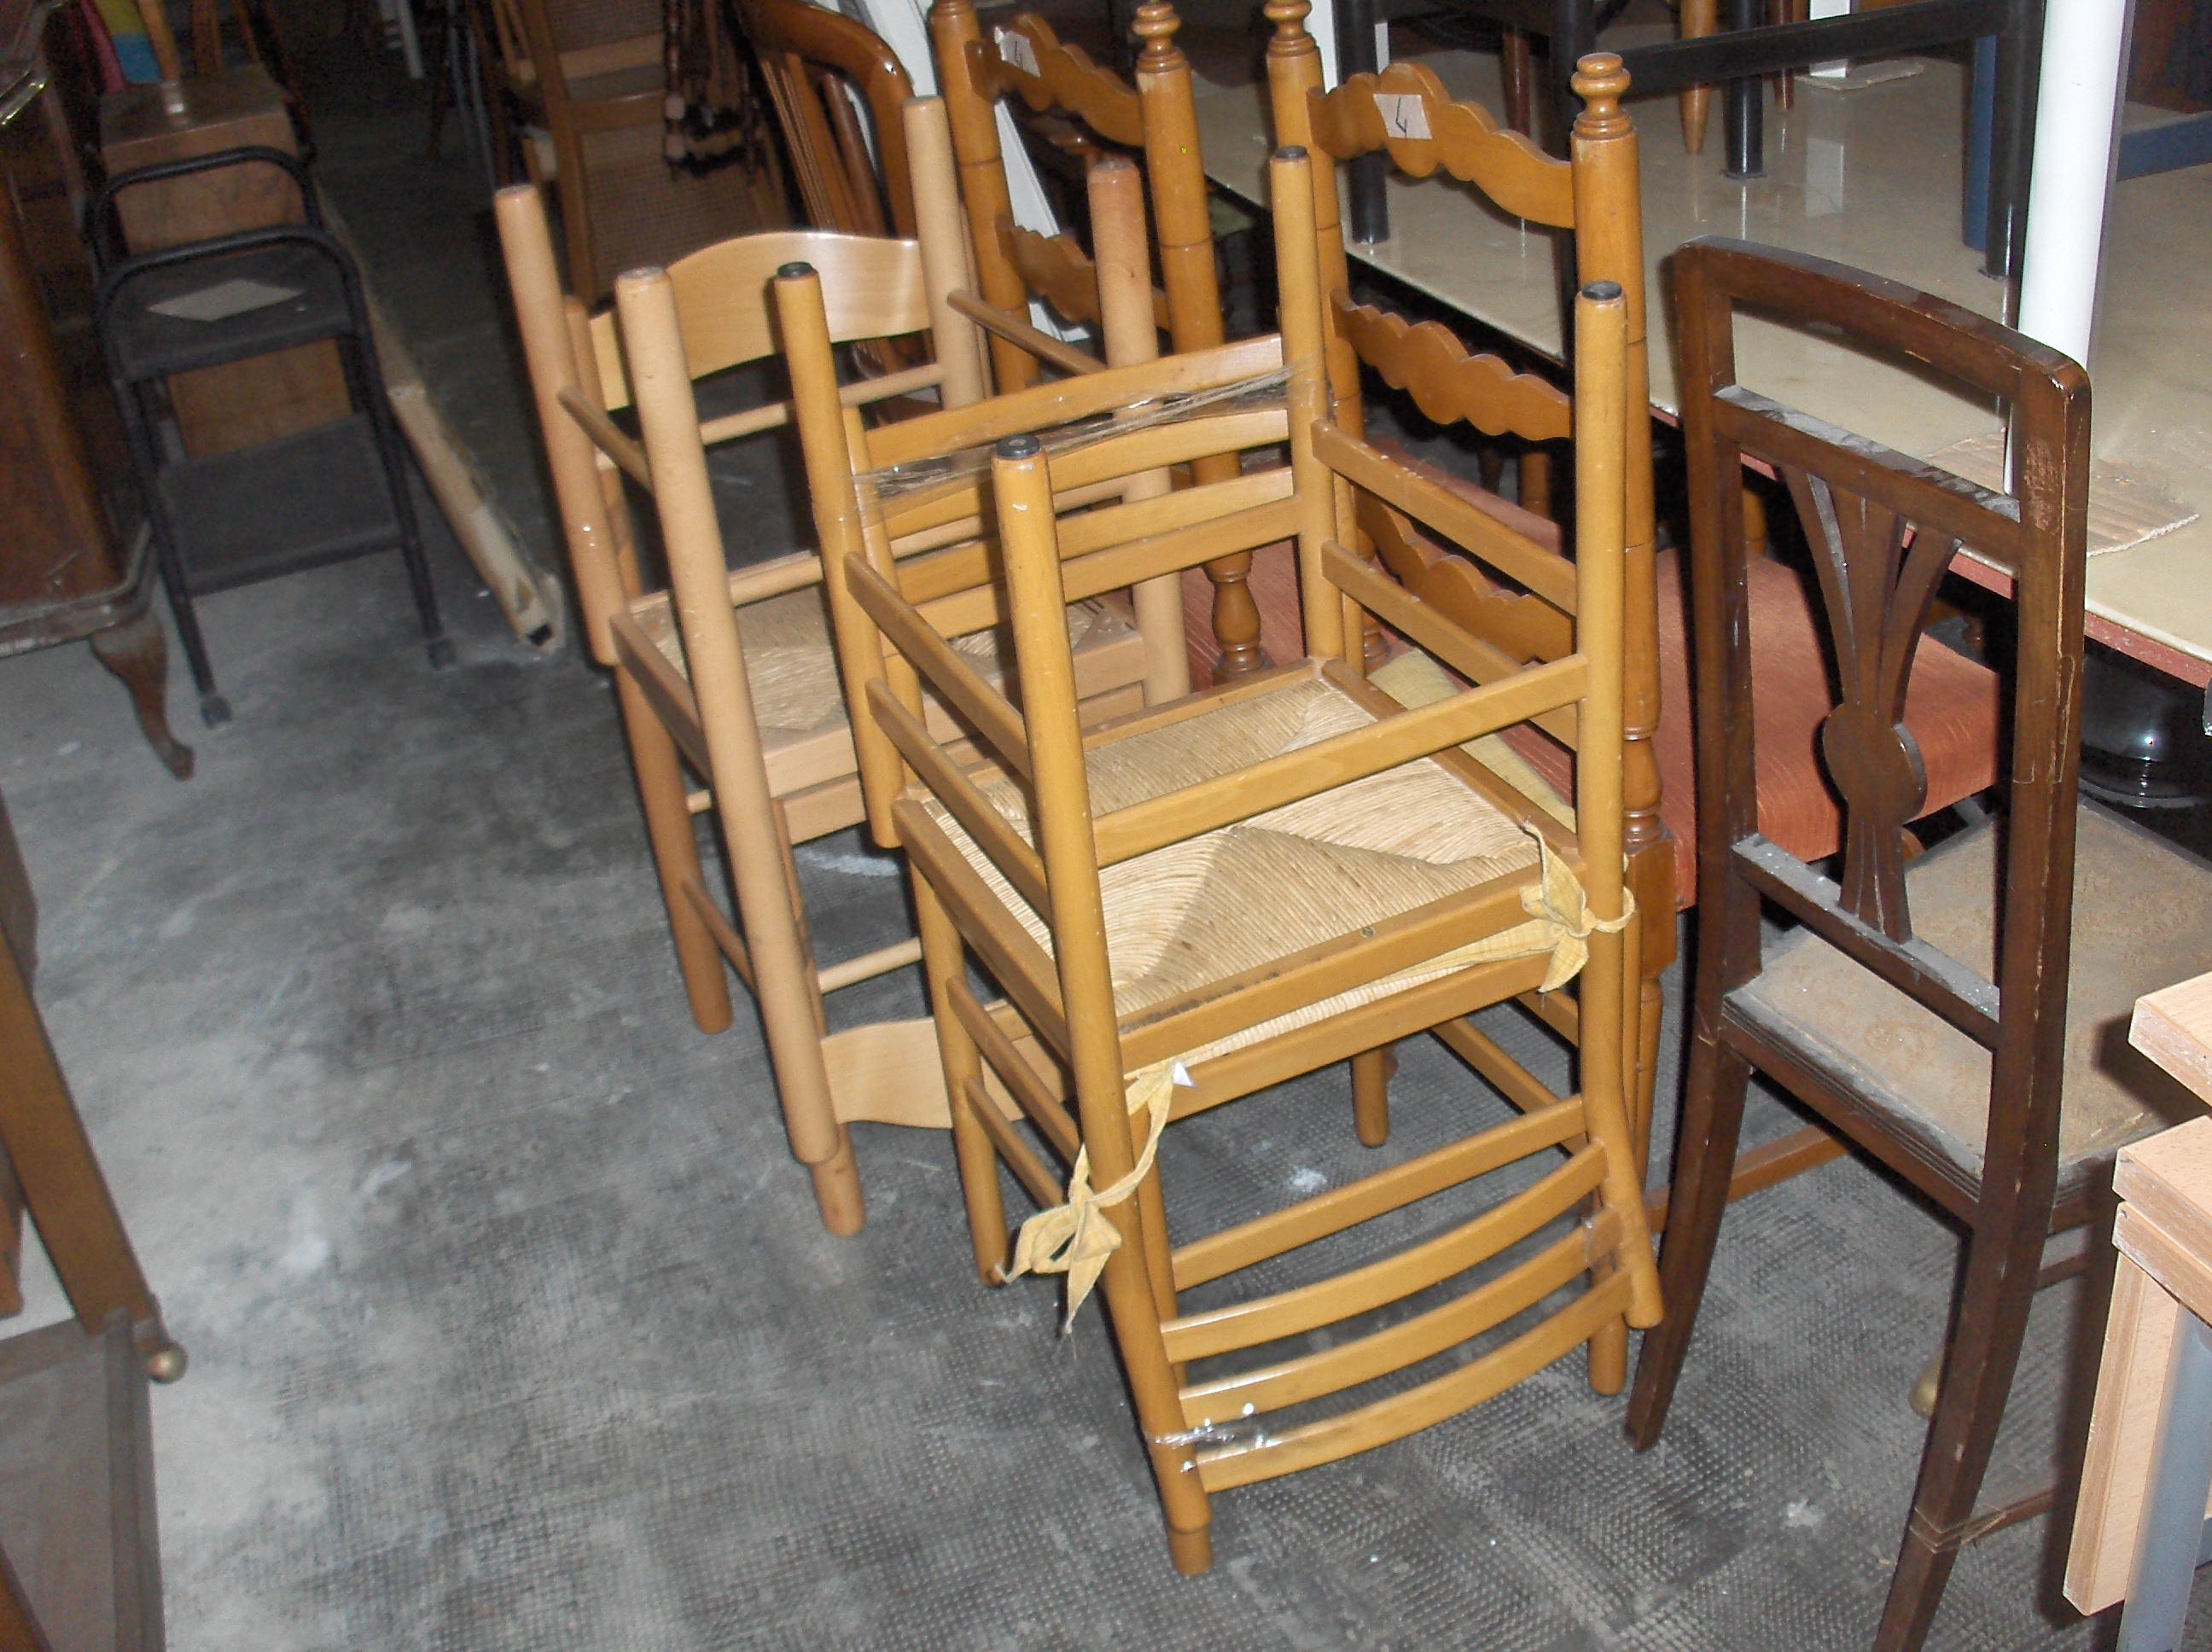 » Sedie Usate Varie Da Sala O Da Cucina A Partire Da Euro 5 Cad #976B34 2592 1936 Sedie Da Sala Da Pranzo Usate